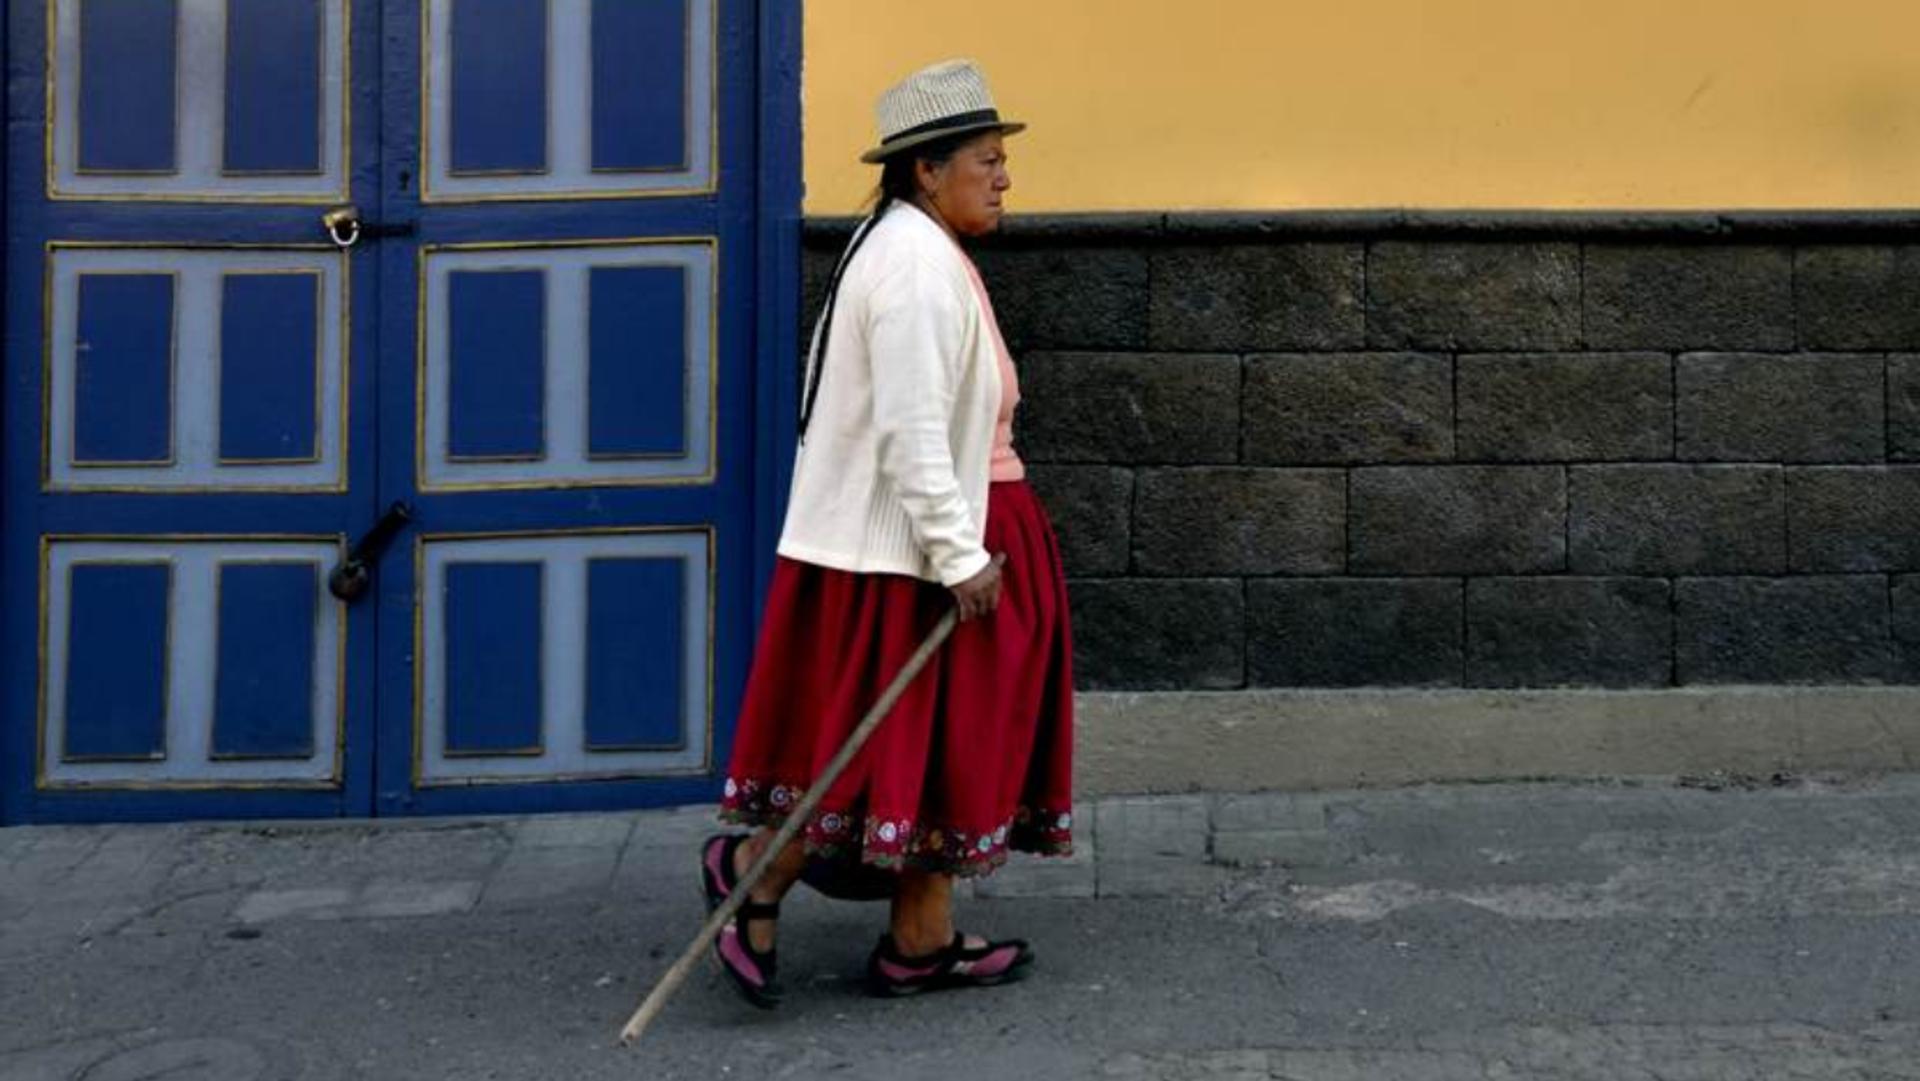 Una mujer en una calle de Cuenca, foto de archivo - Sputnik Mundo, 1920, 28.08.2021